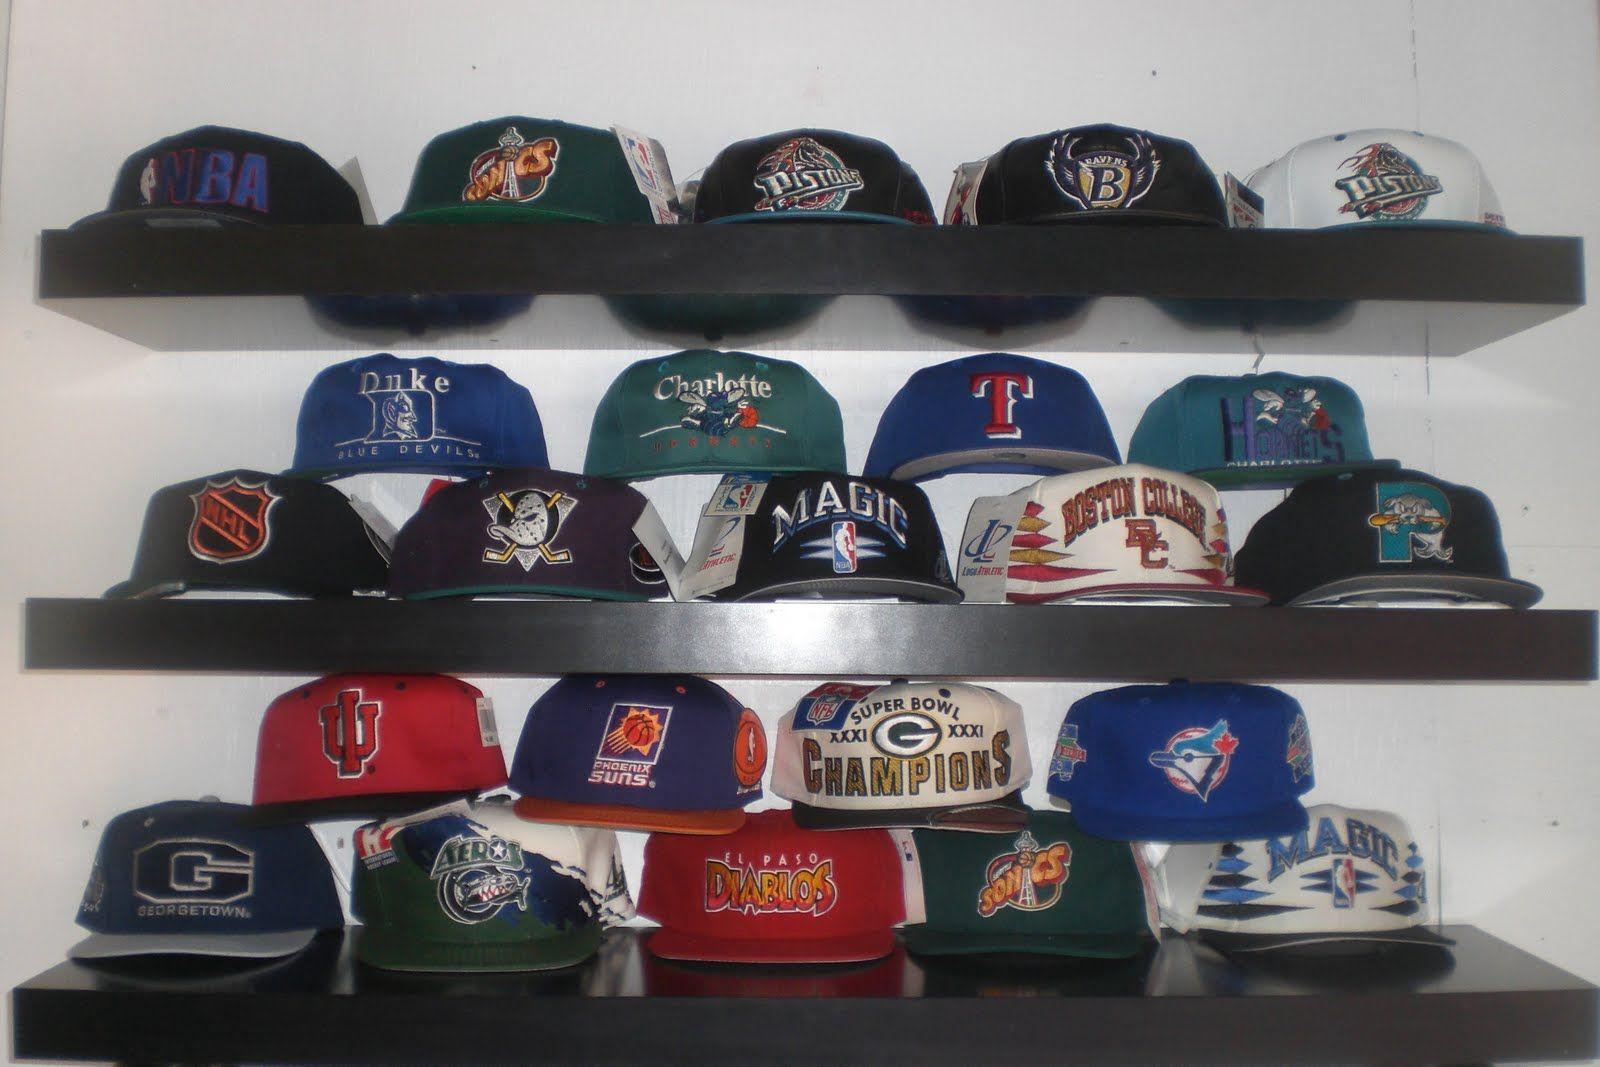 Vintage Snapback Hats Flat Spot Skate Shop Vintage Snapback Hats From The 80s And 90s Snapback Hats Snapback Hats